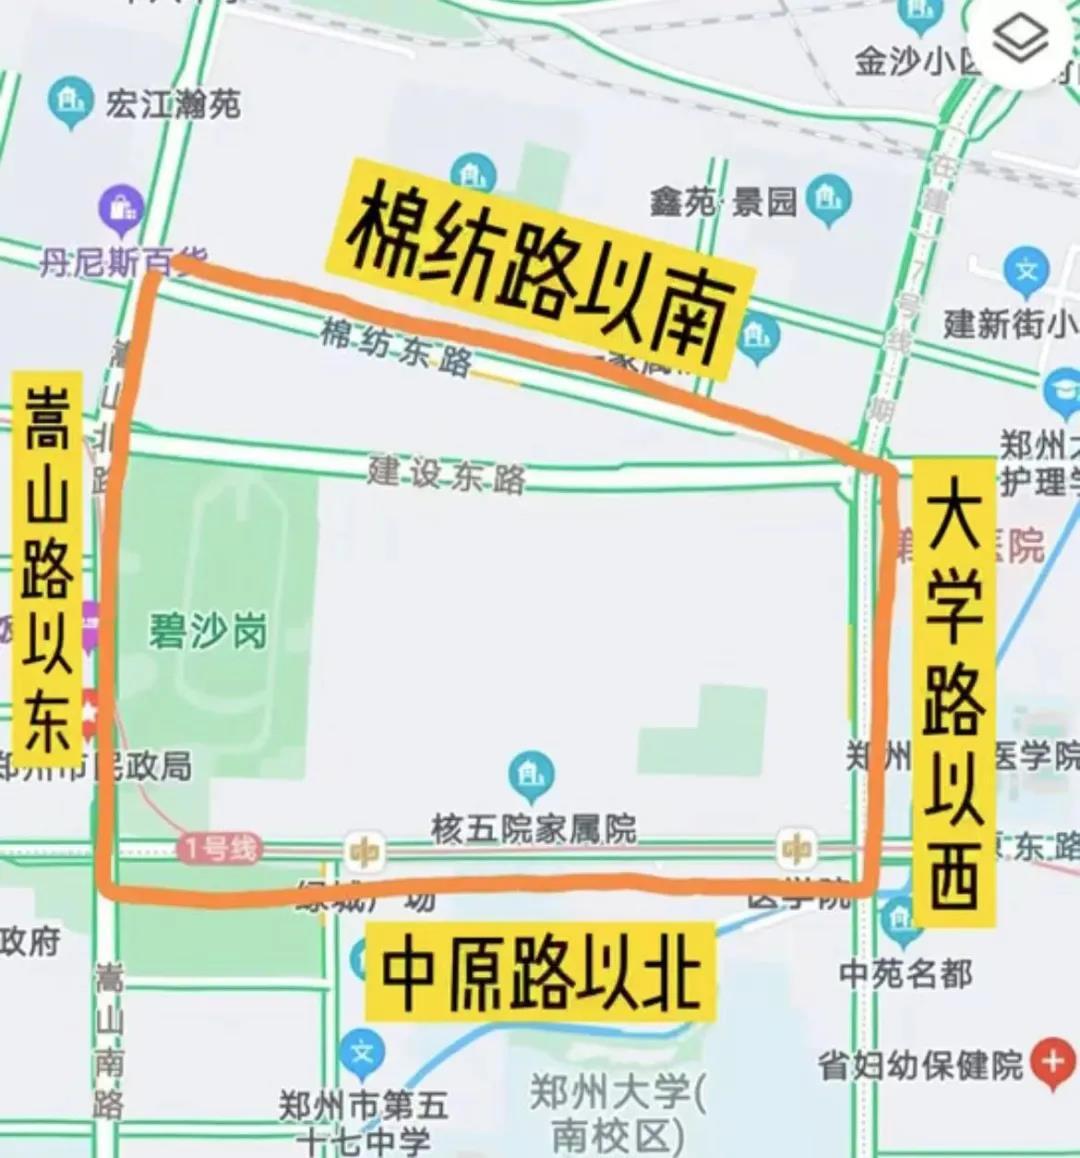 突发!郑州河医立交下热力爆管造成路面塌陷 一女子坠入不幸身亡